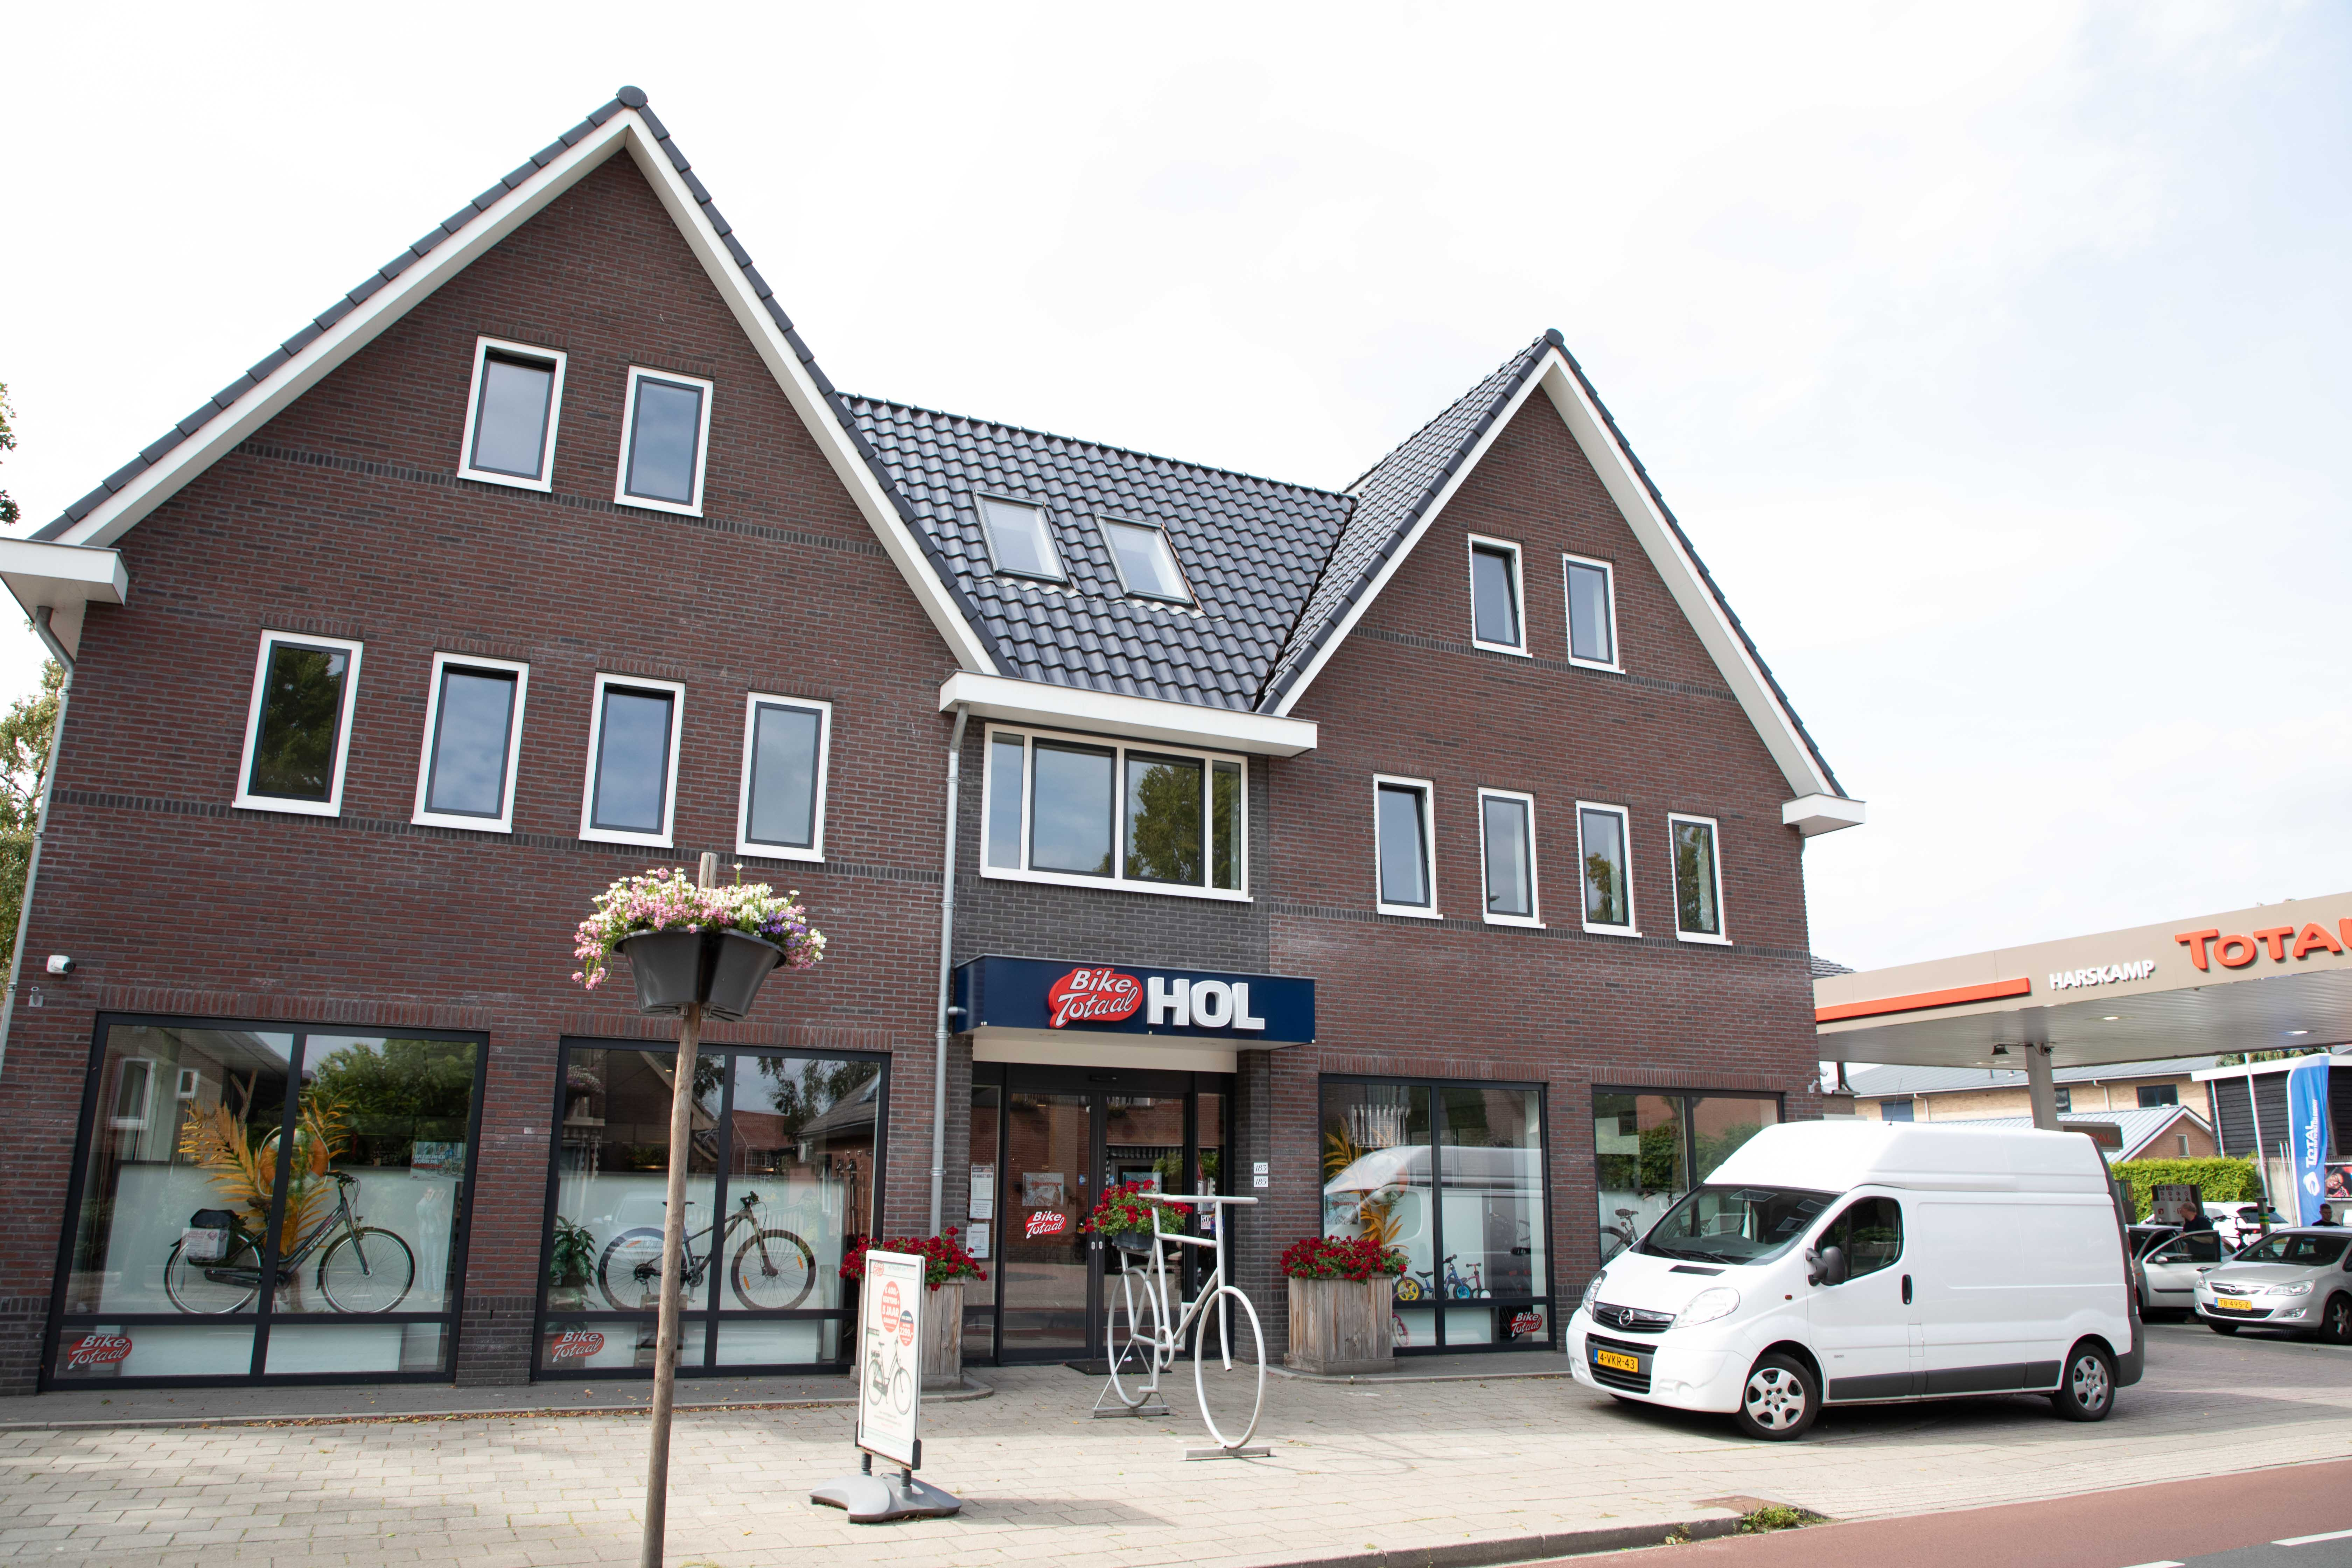 Hol Tweewielers – Bike Totaal Harskamp